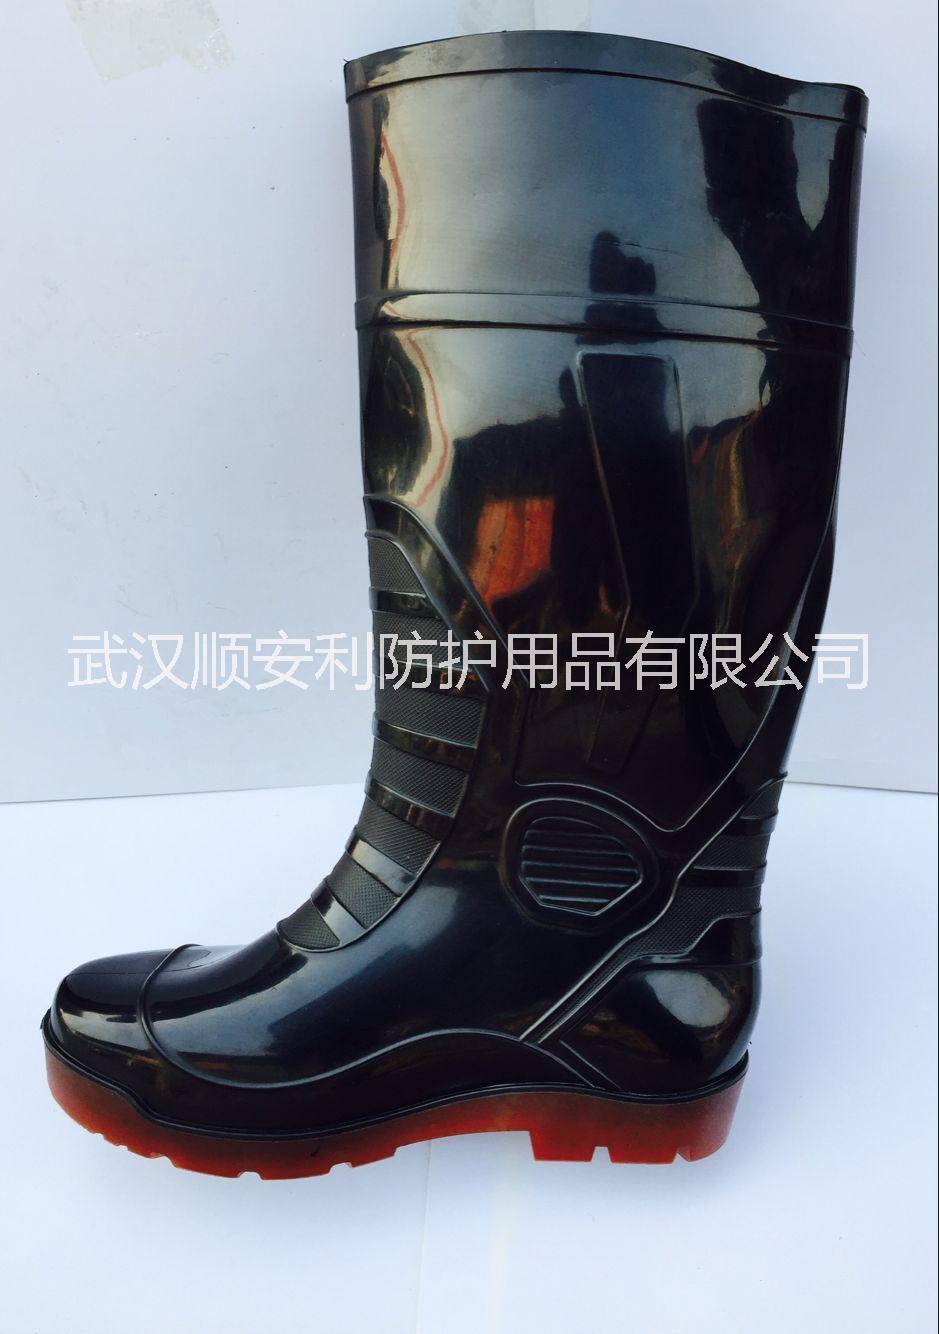 武汉劳保雨鞋男式高筒雨鞋批发民用男工高筒雨鞋